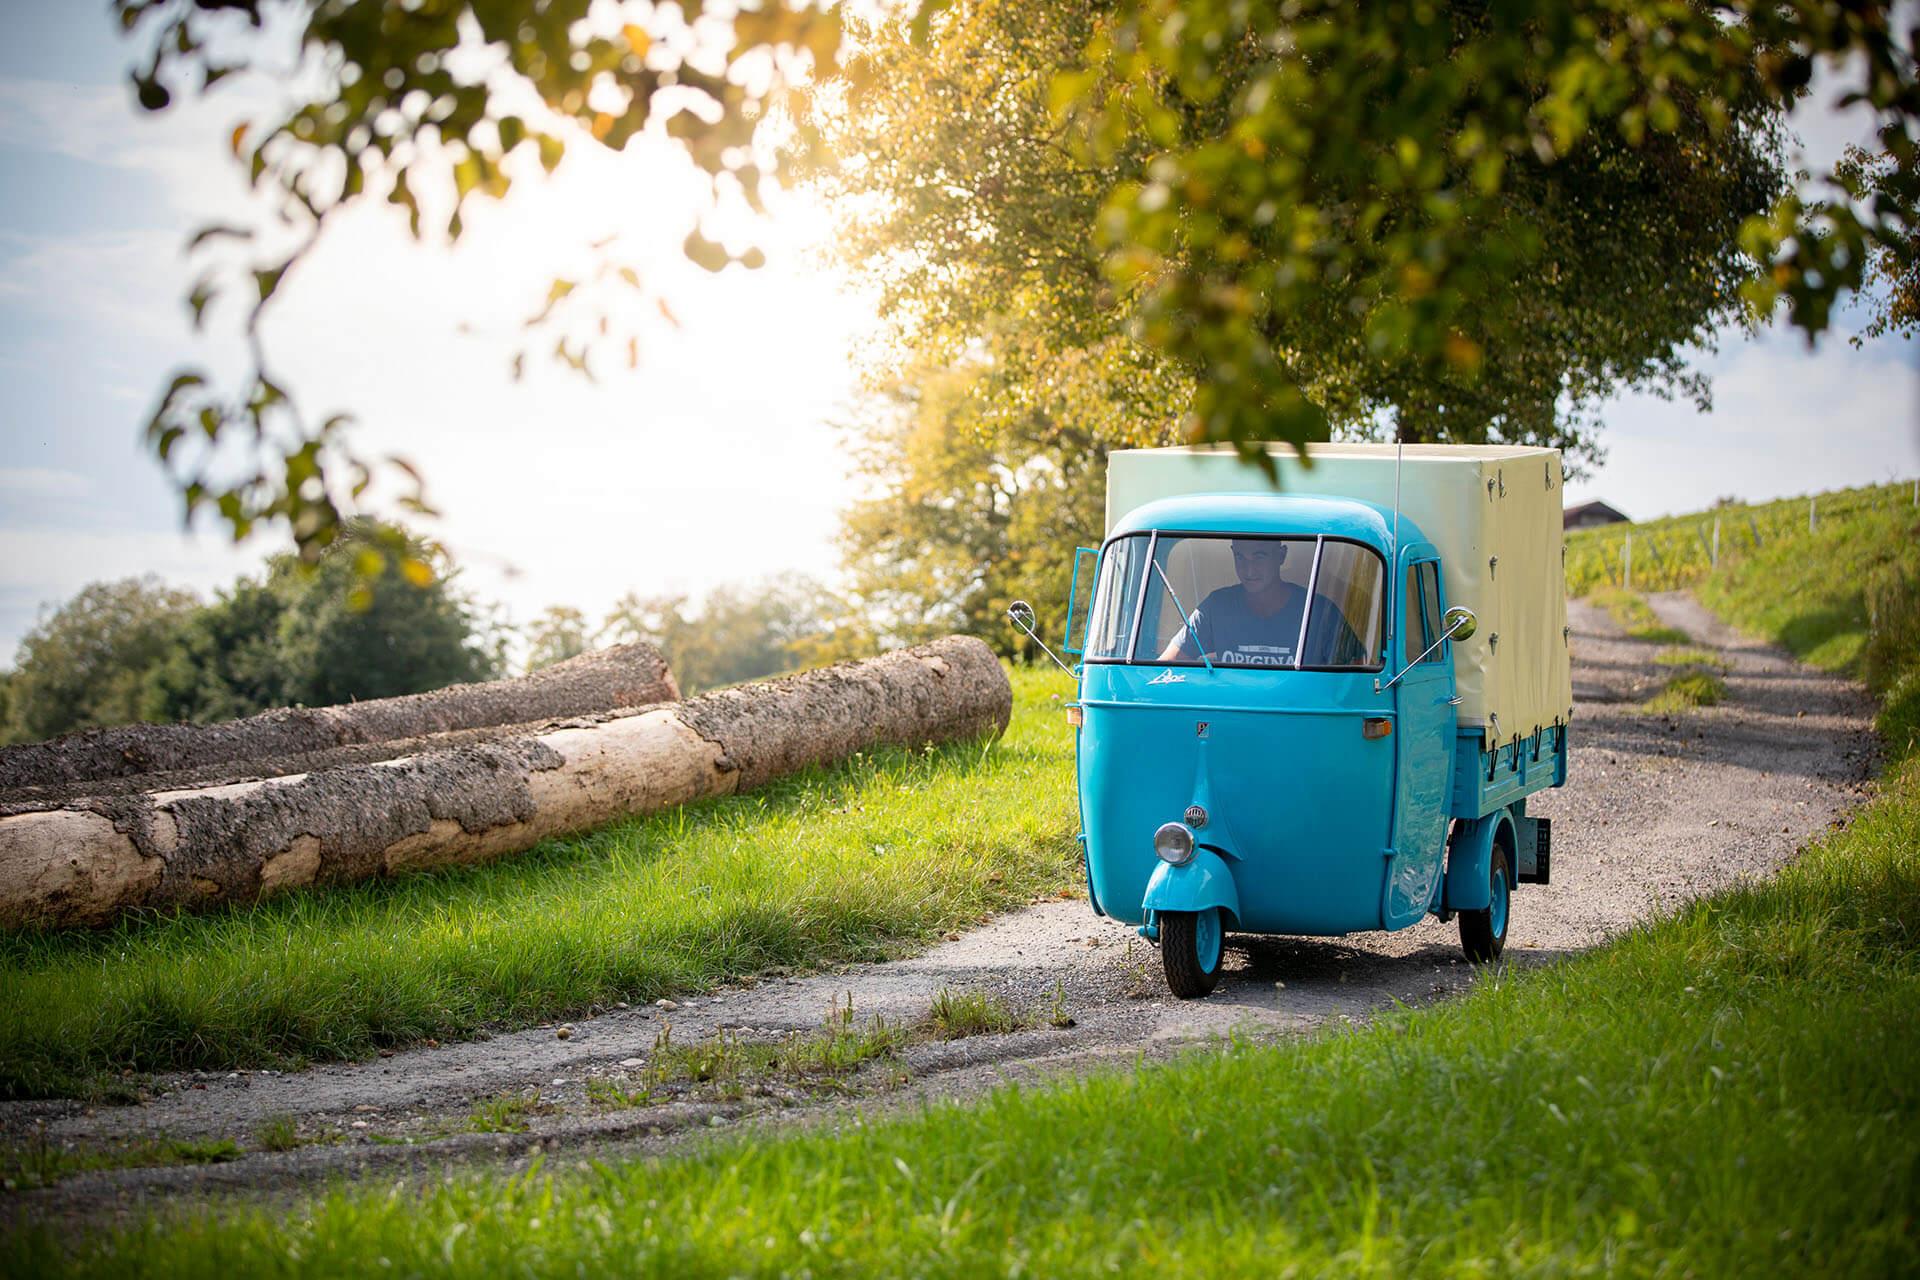 casa-amore-wein-armin-kienesberger-auto-219.jpg